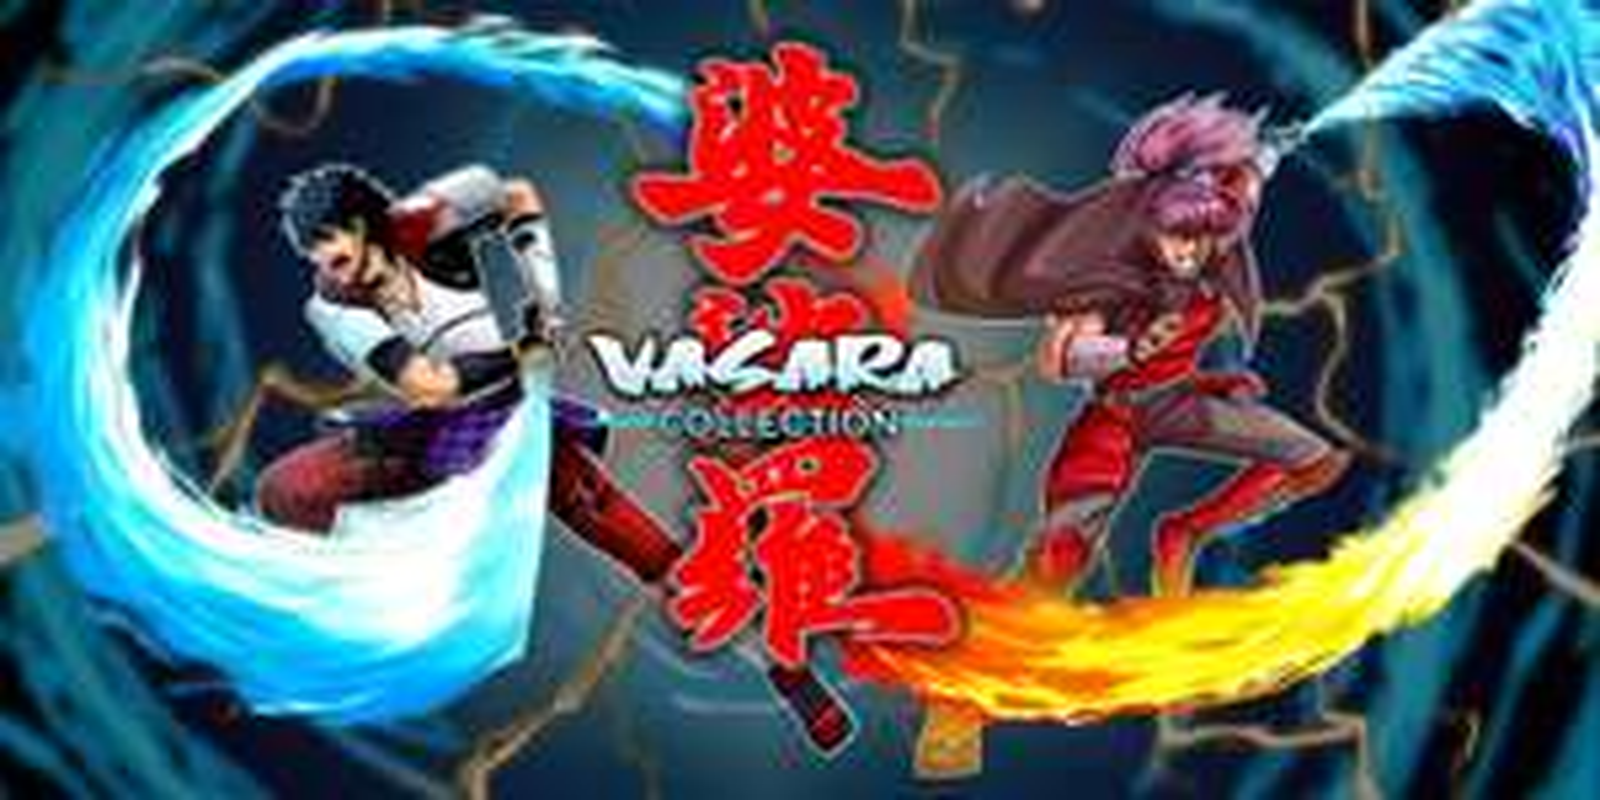 eShop Sale (Vasara Collection £1.79   Syberia2 £1.34   Darksiders II DE £12.99   Darksiders WE £13.49 and more) @ Nintendo eShop